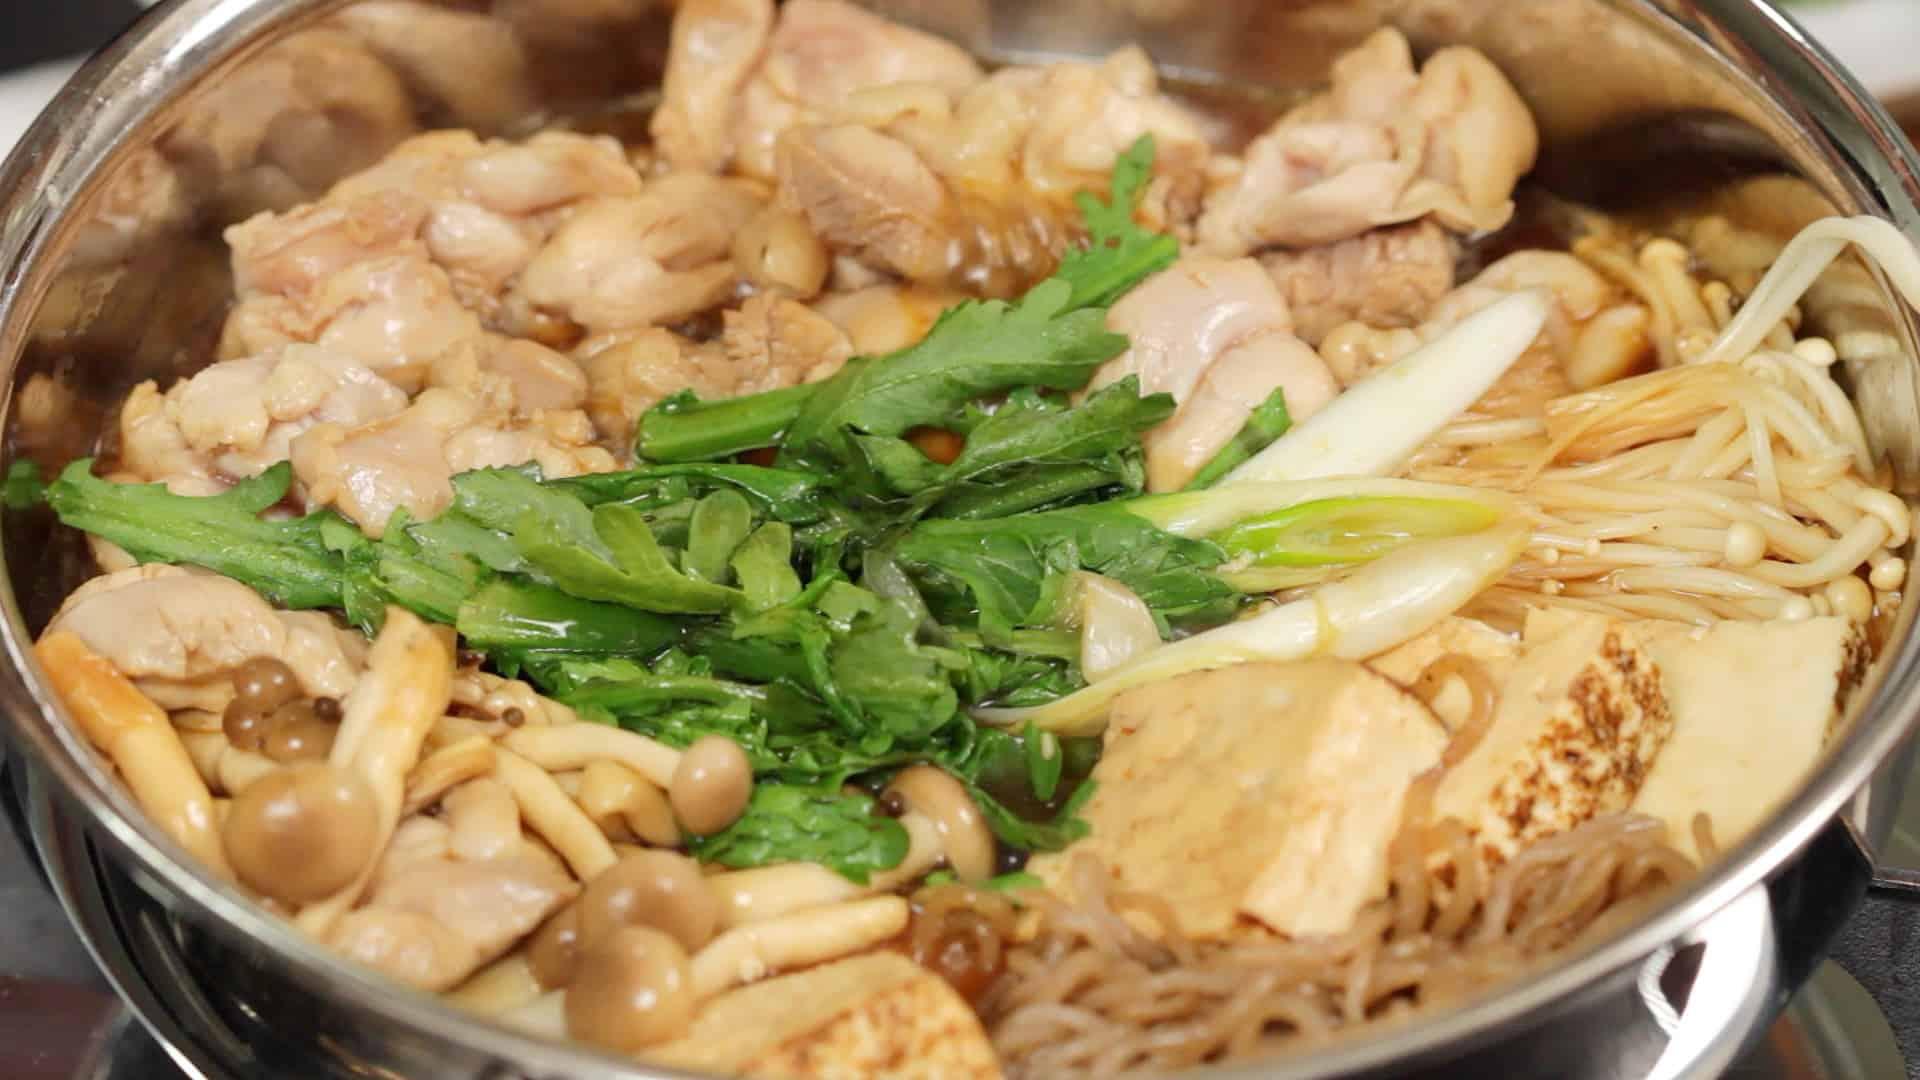 鶏すきの作り方 鶏肉のすき焼きレシピ